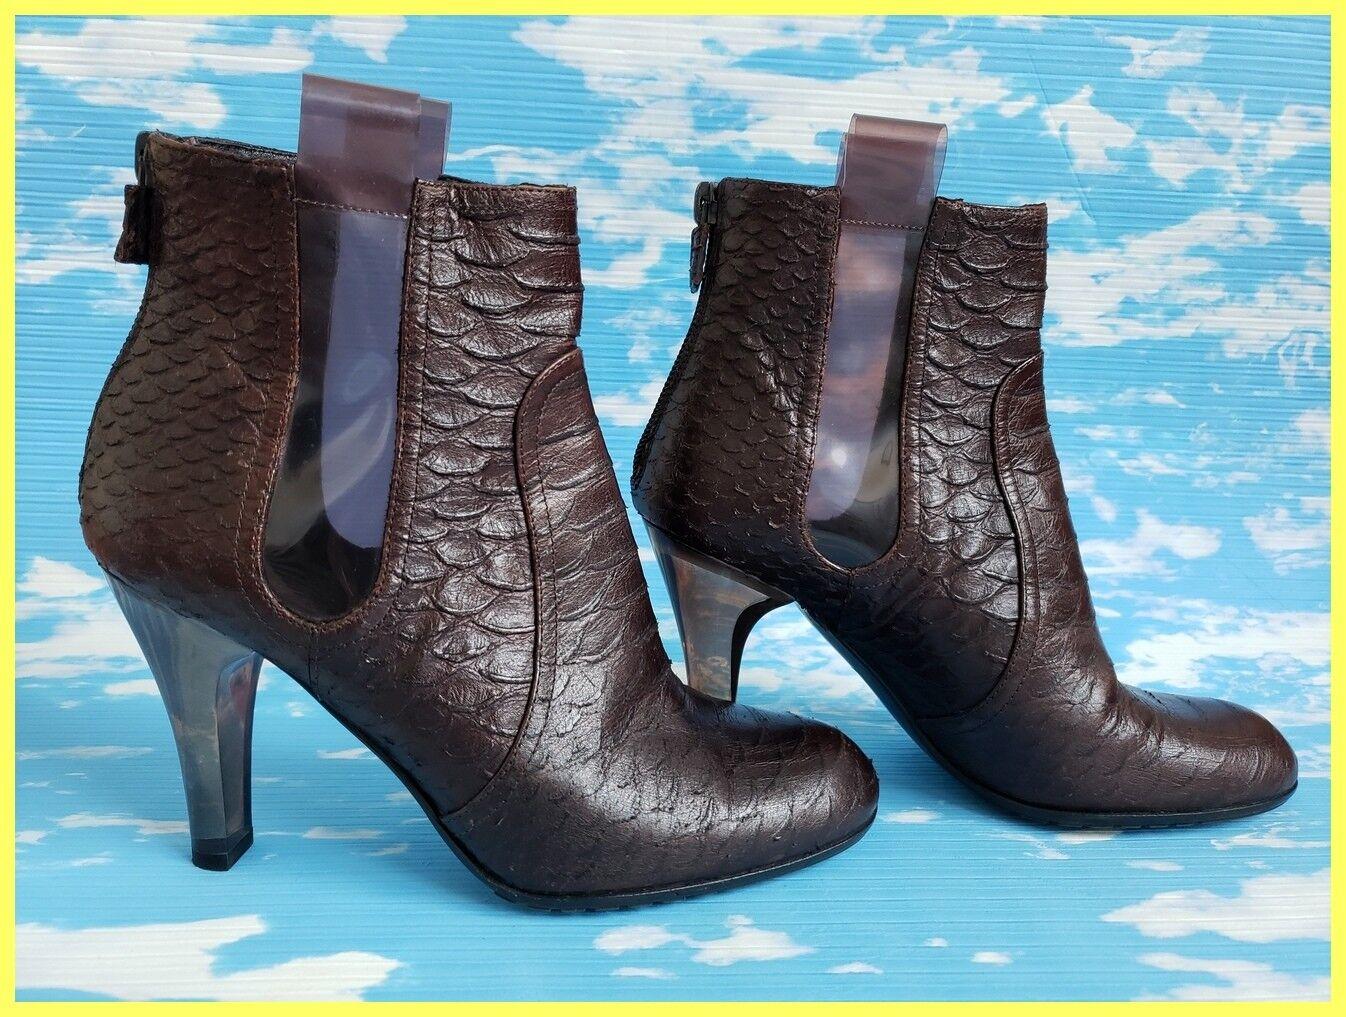 Serpiente marrón Emporio Armani parche de de de cuero en relieve en tacón botas al Tobillo transparente de PVC 35 4.5  tienda de venta